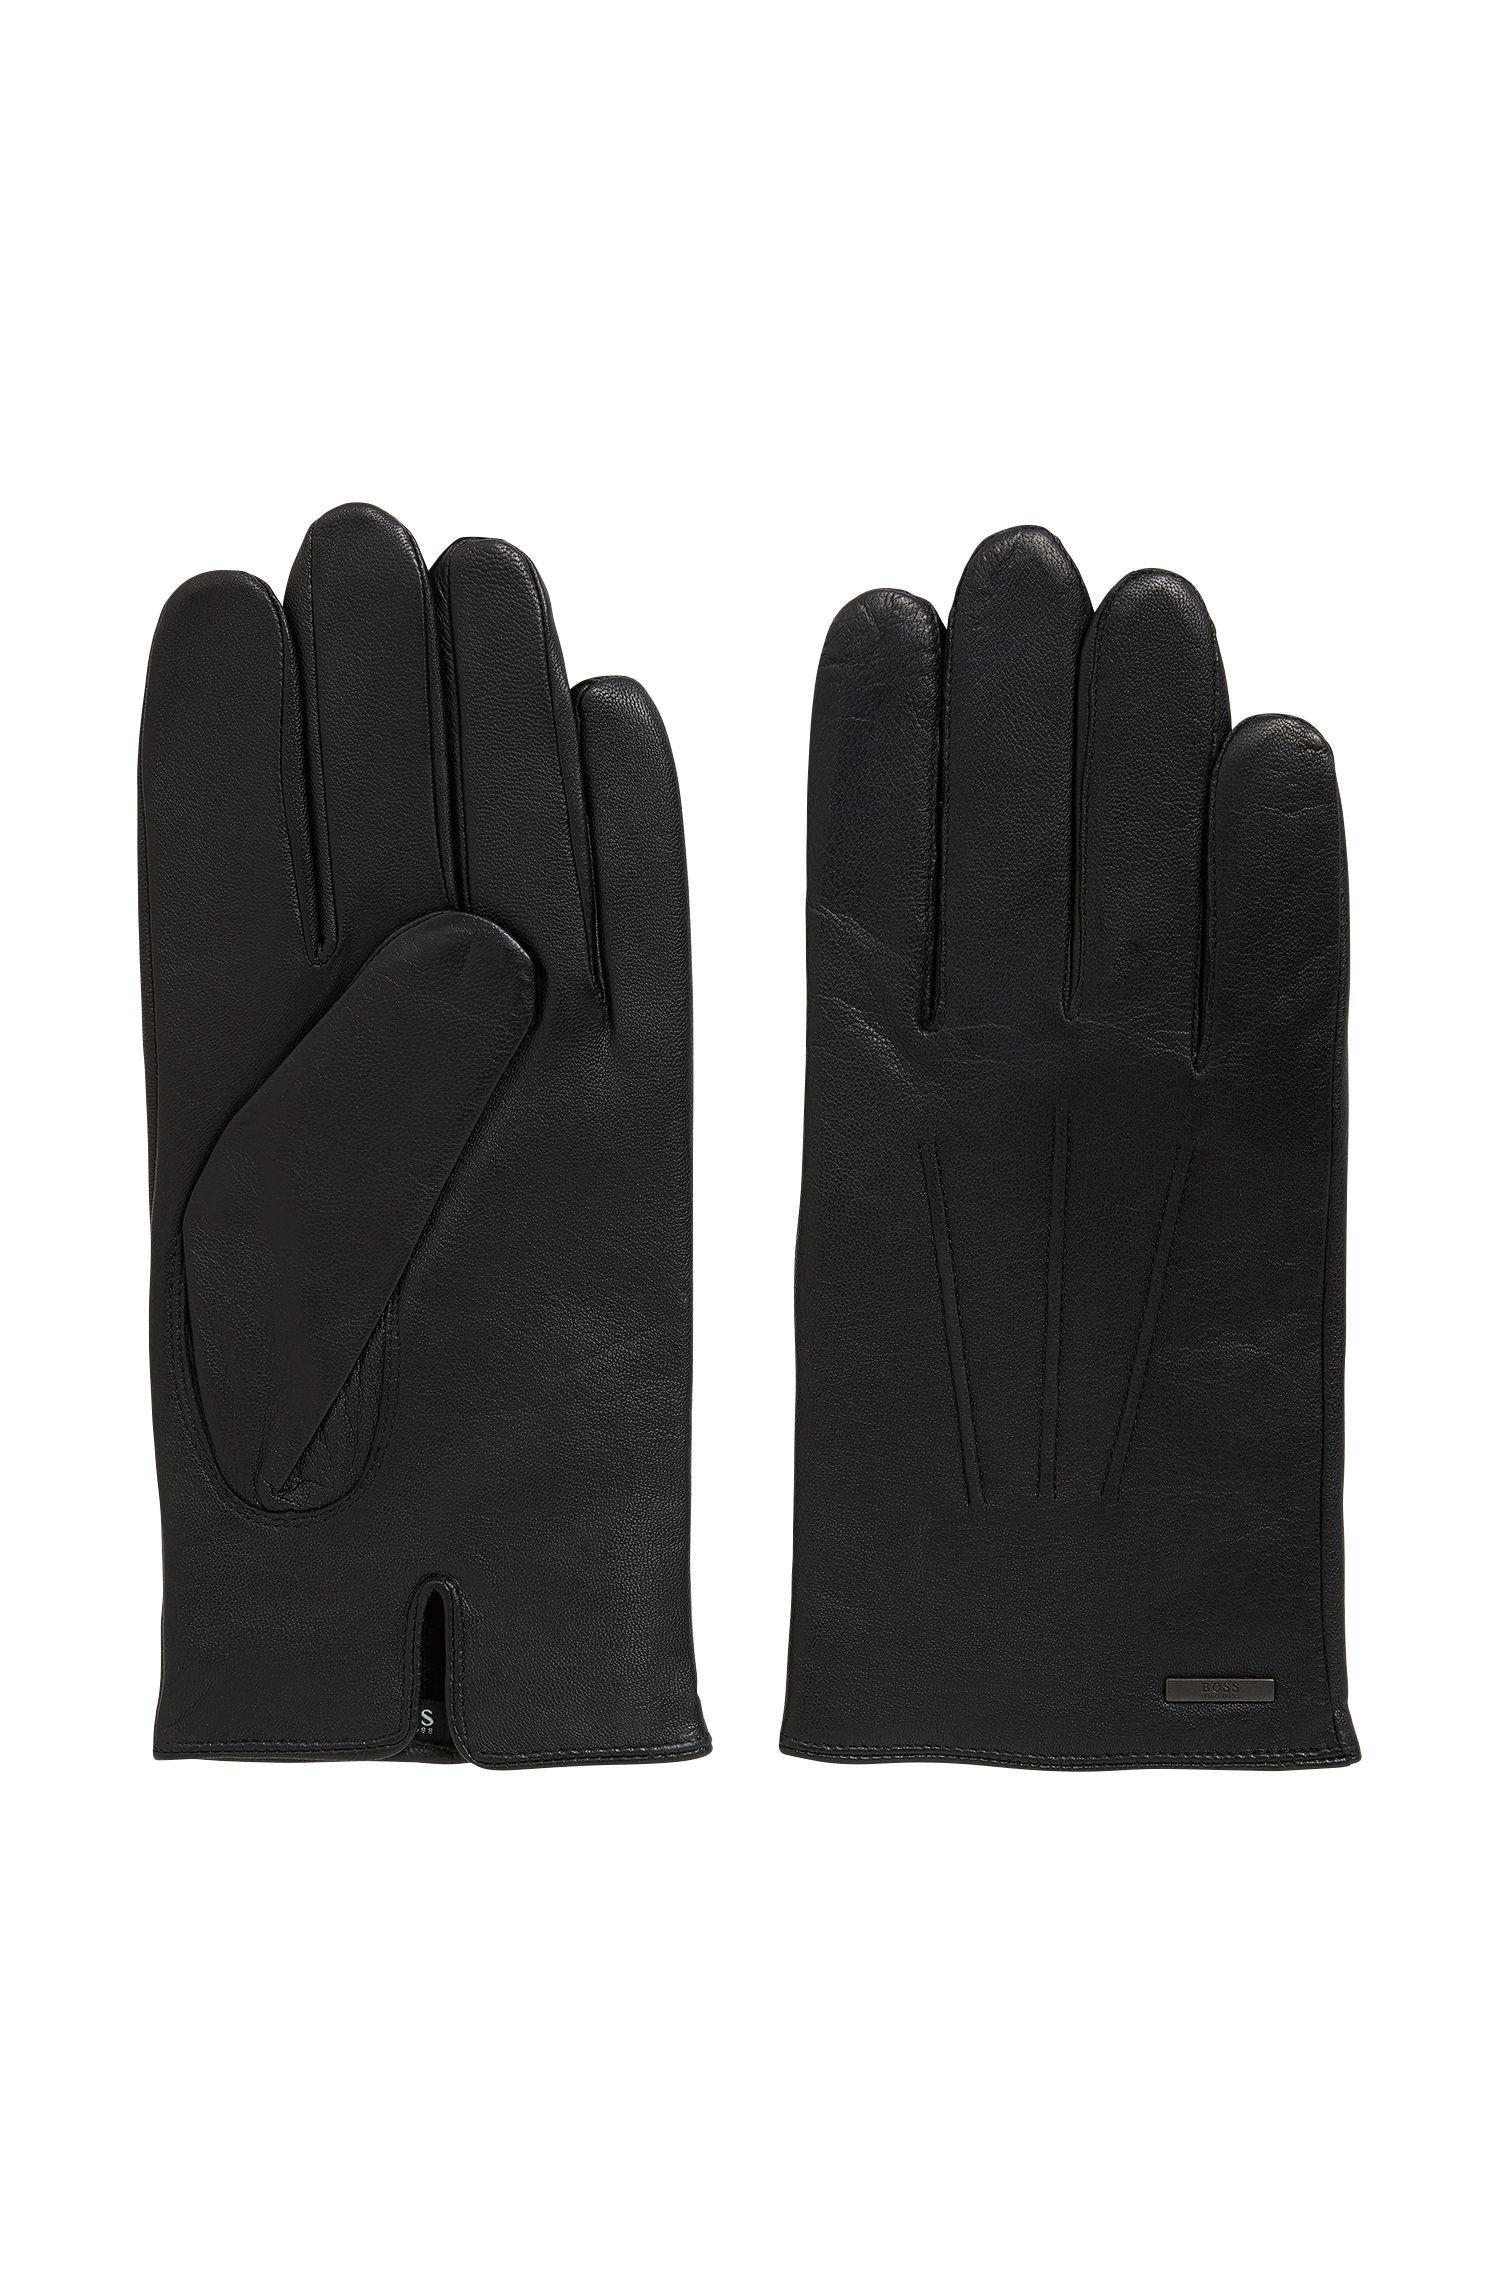 Gants en cuir nappa avec fente au niveau des poignets